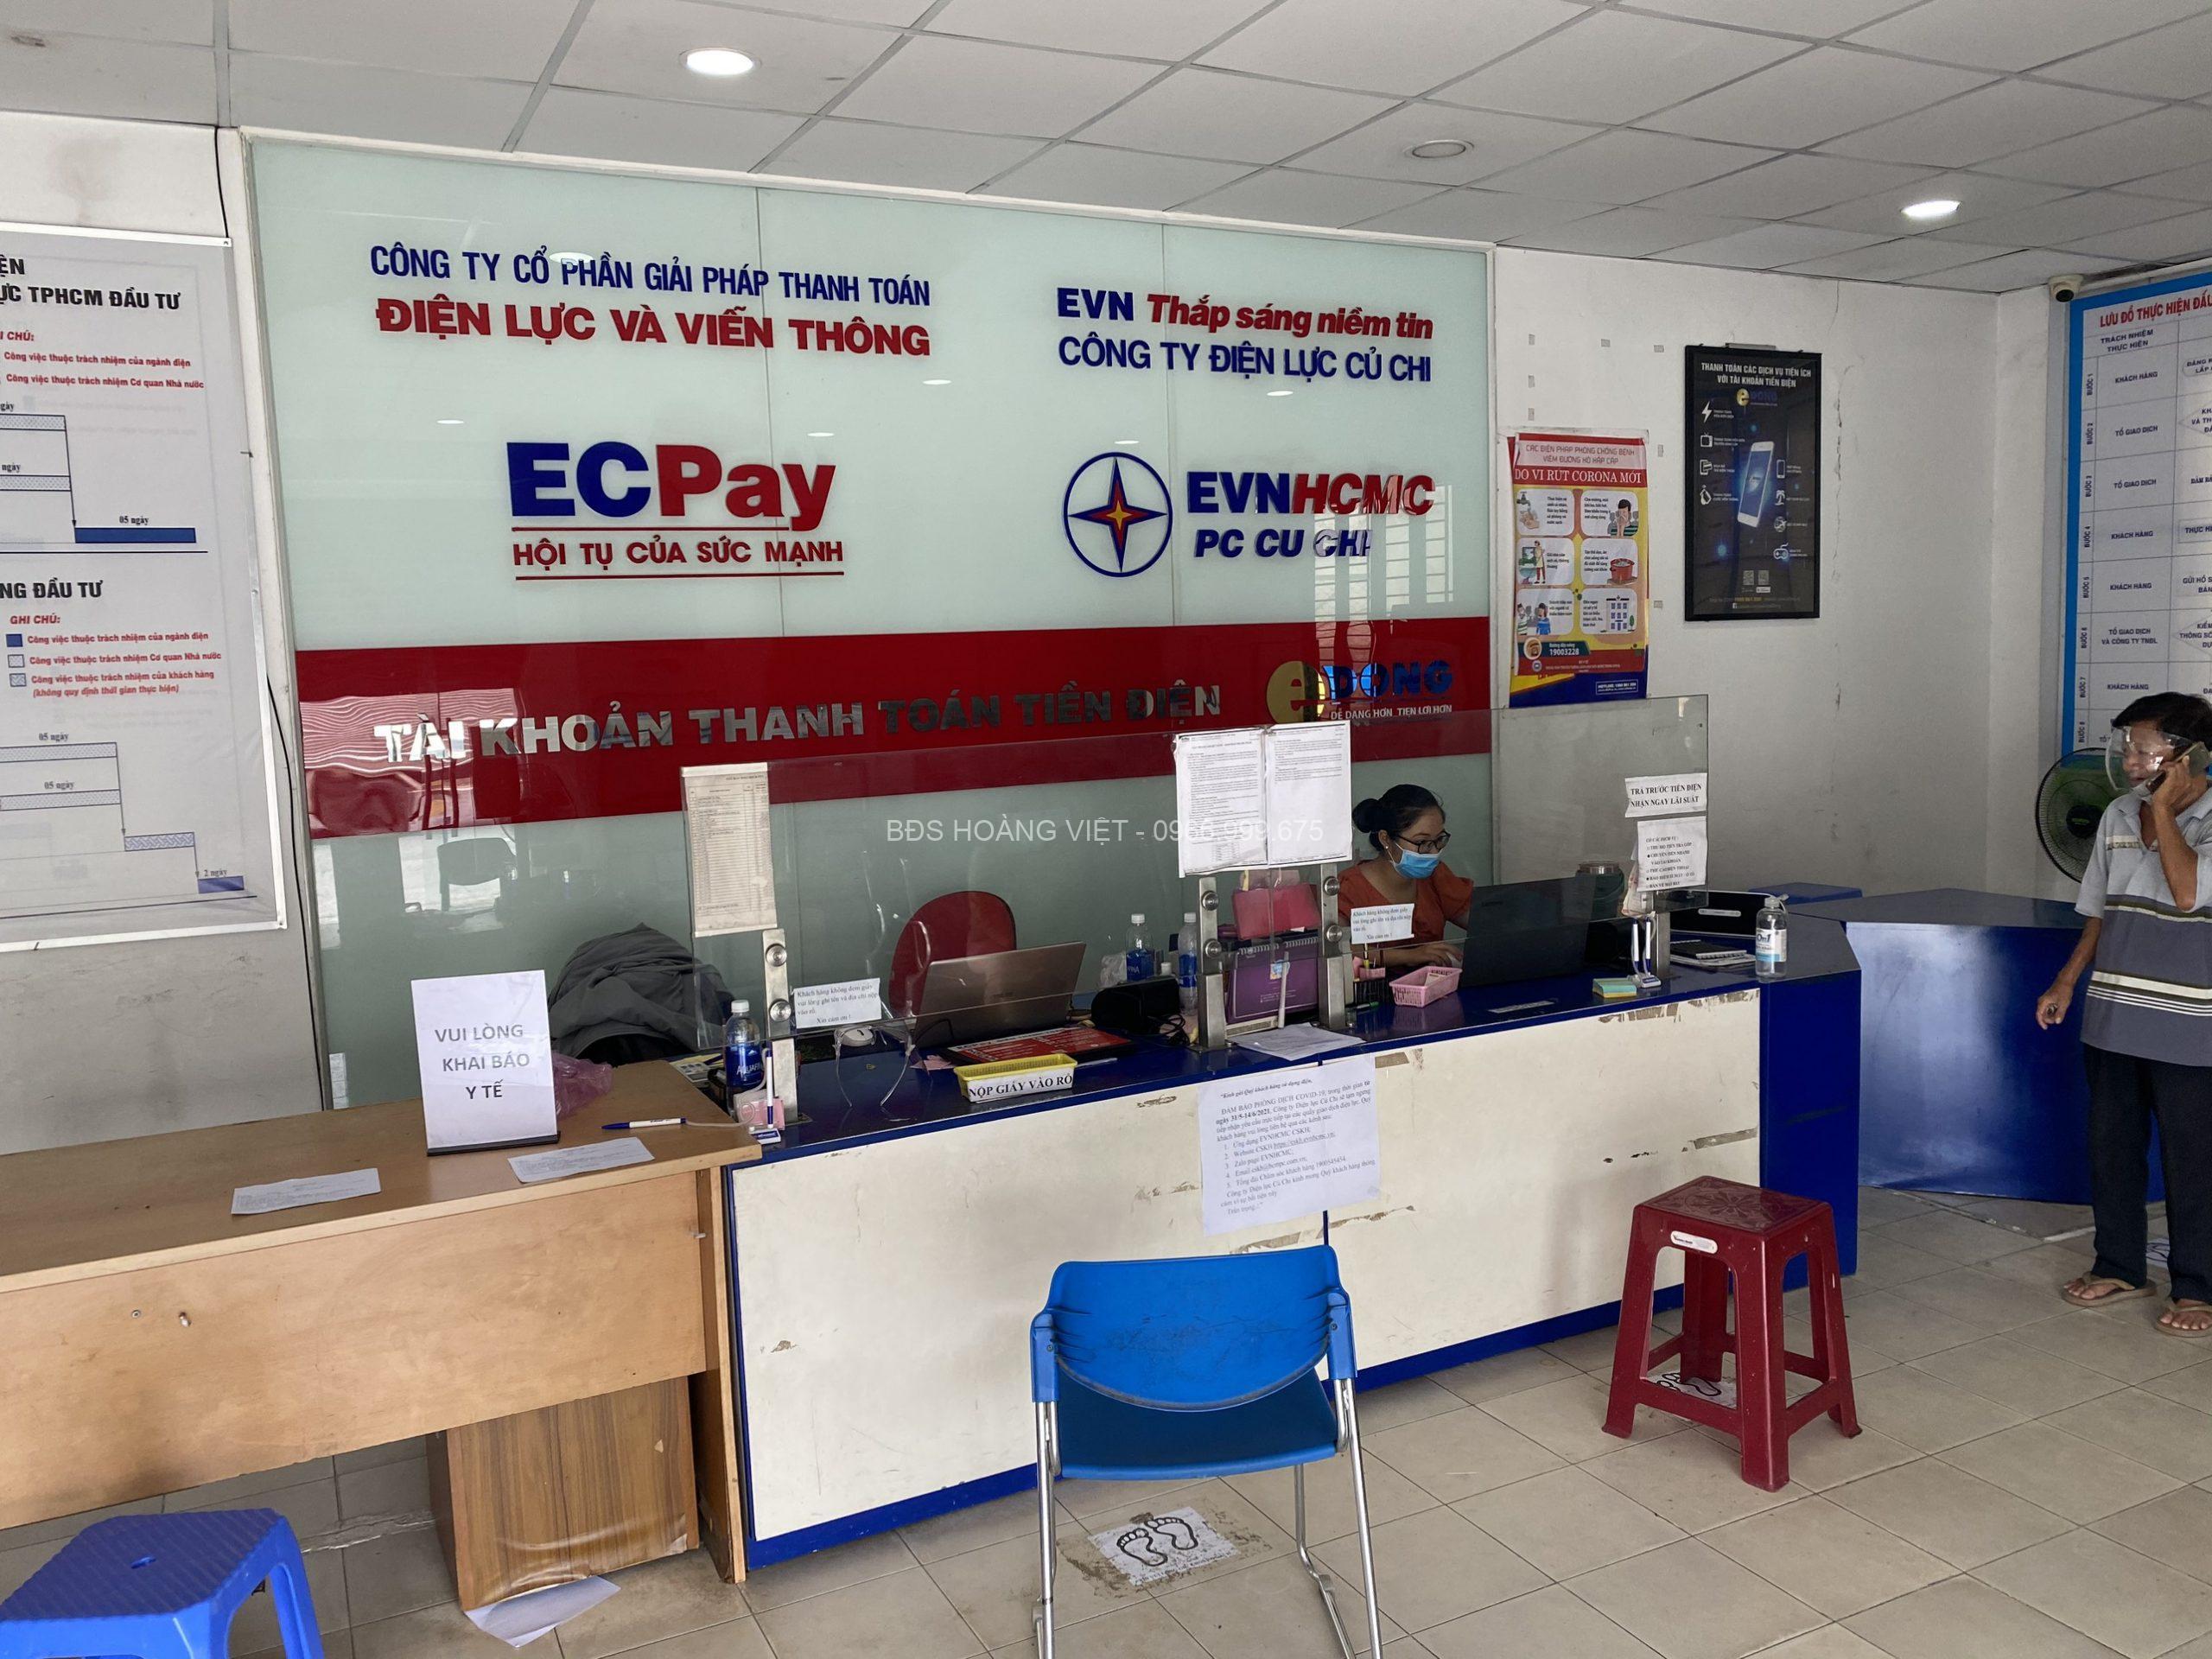 Văn phòng giao dịch điện lực Củ Chi